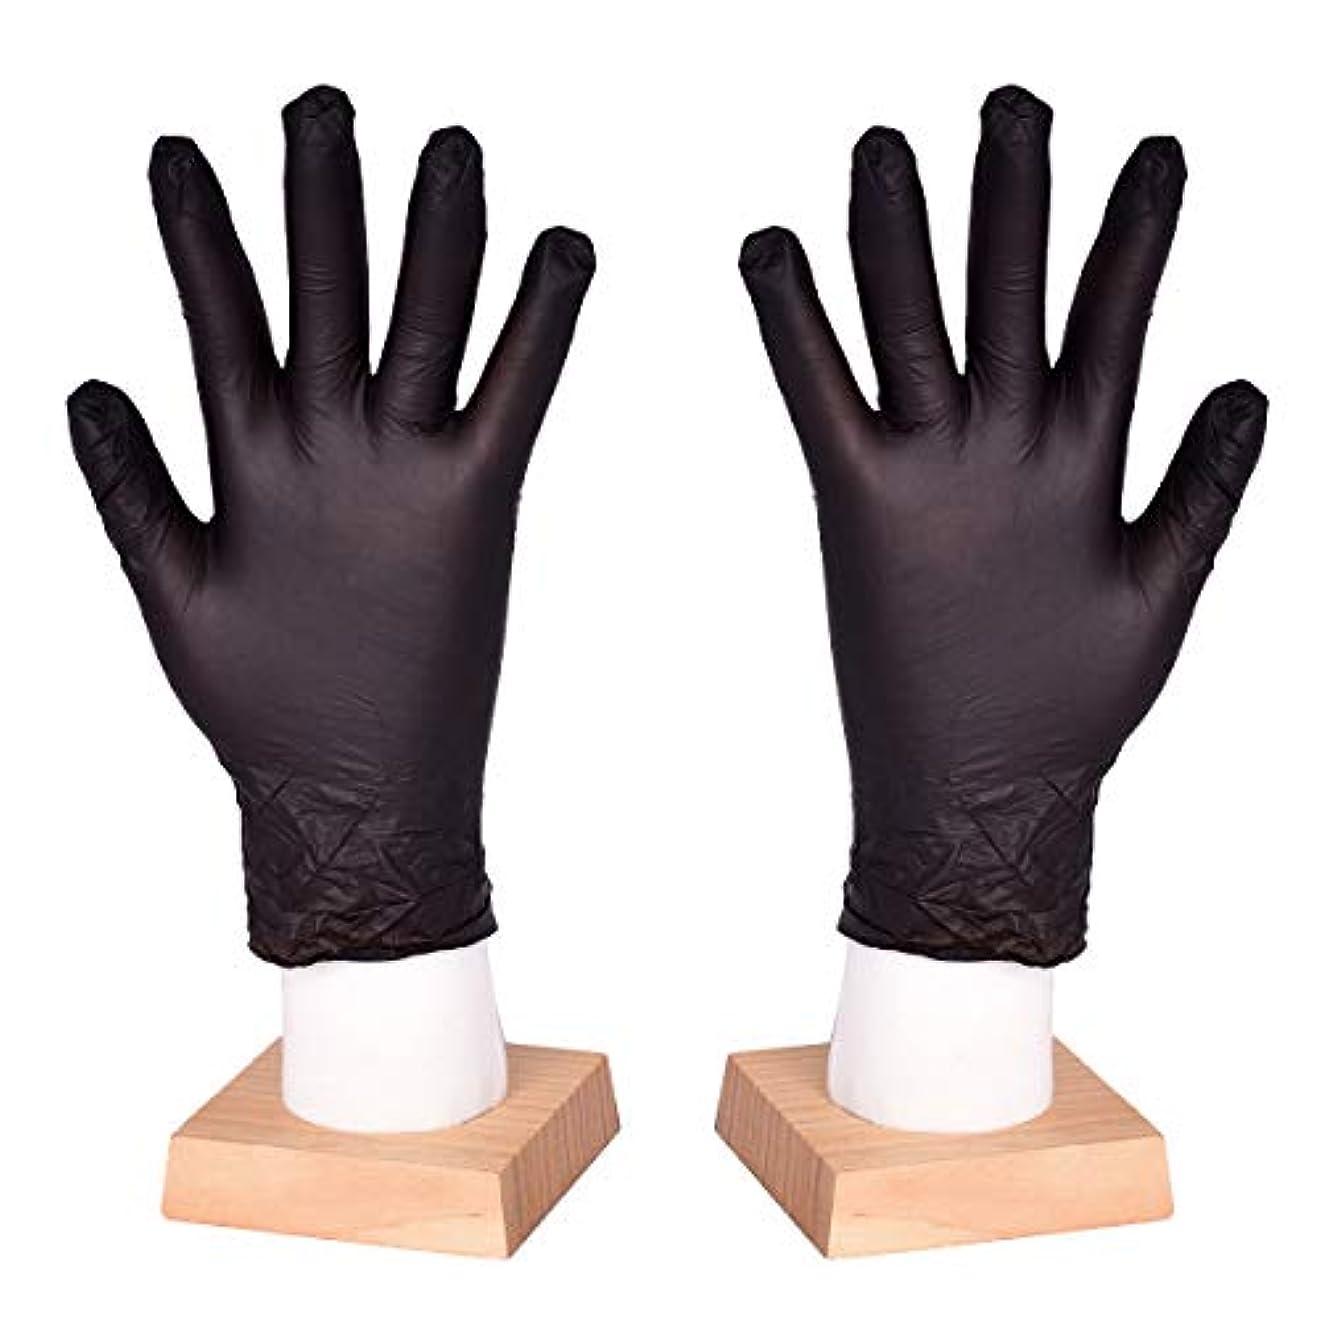 説明正確複雑な[FJTK]使い捨て手袋 滑りにくい 超弾性 多用途 黒 100枚入 (L)